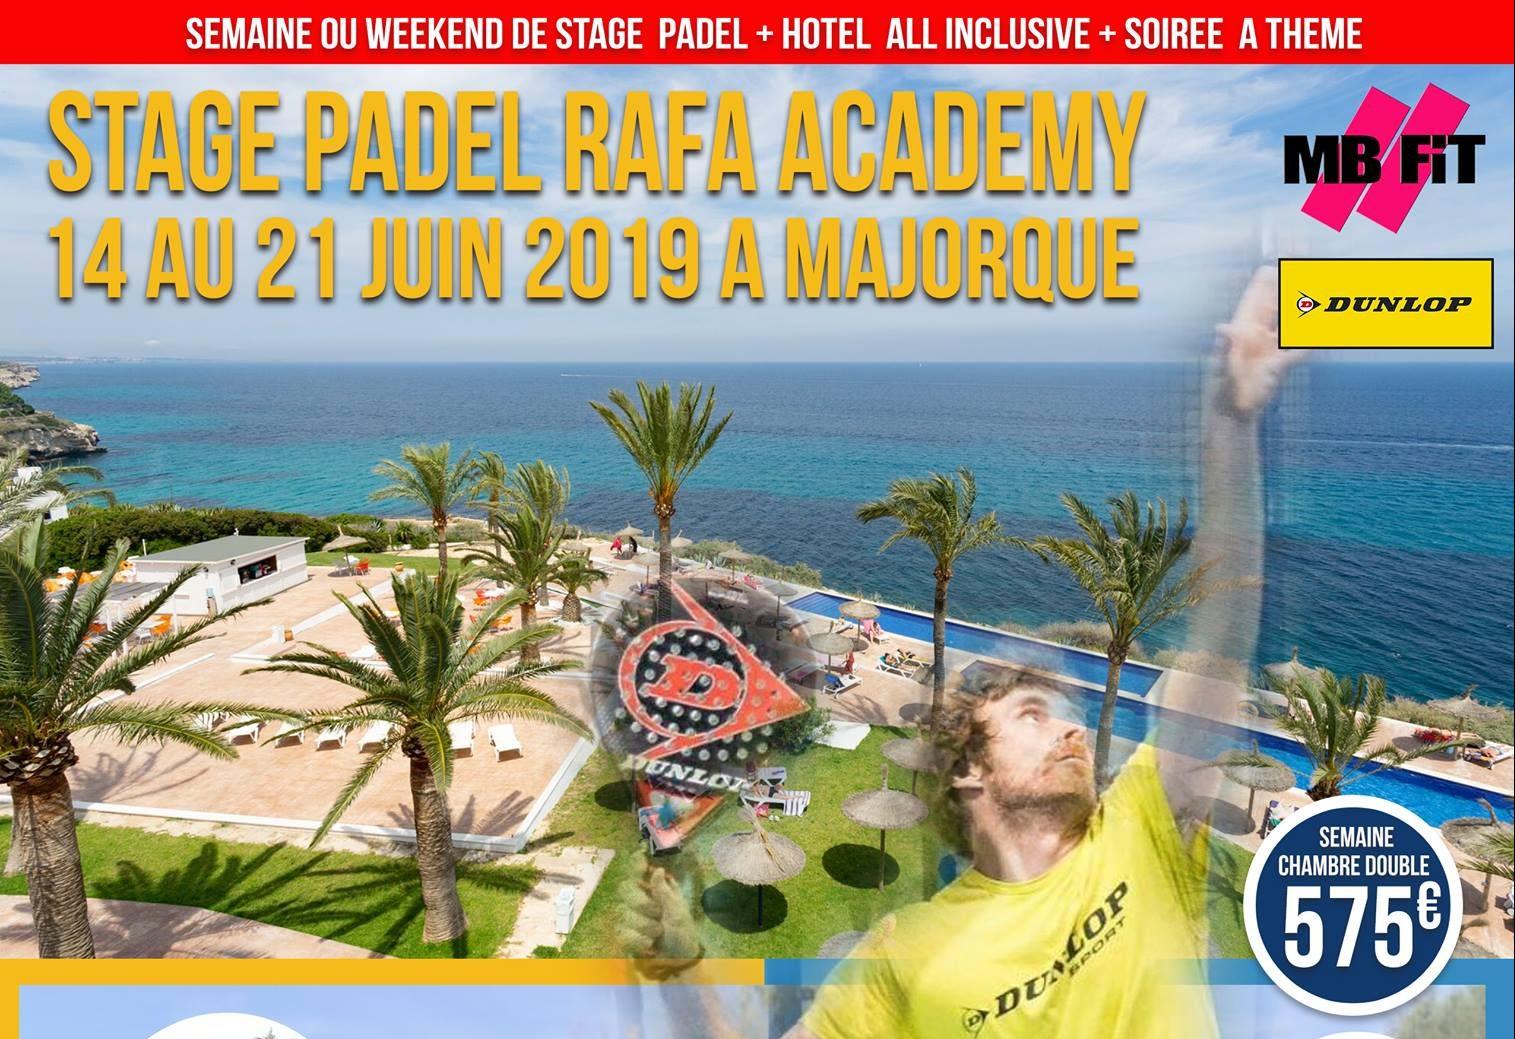 Stage de padel à Majorque : all inclusive du 14 au 21 juin.